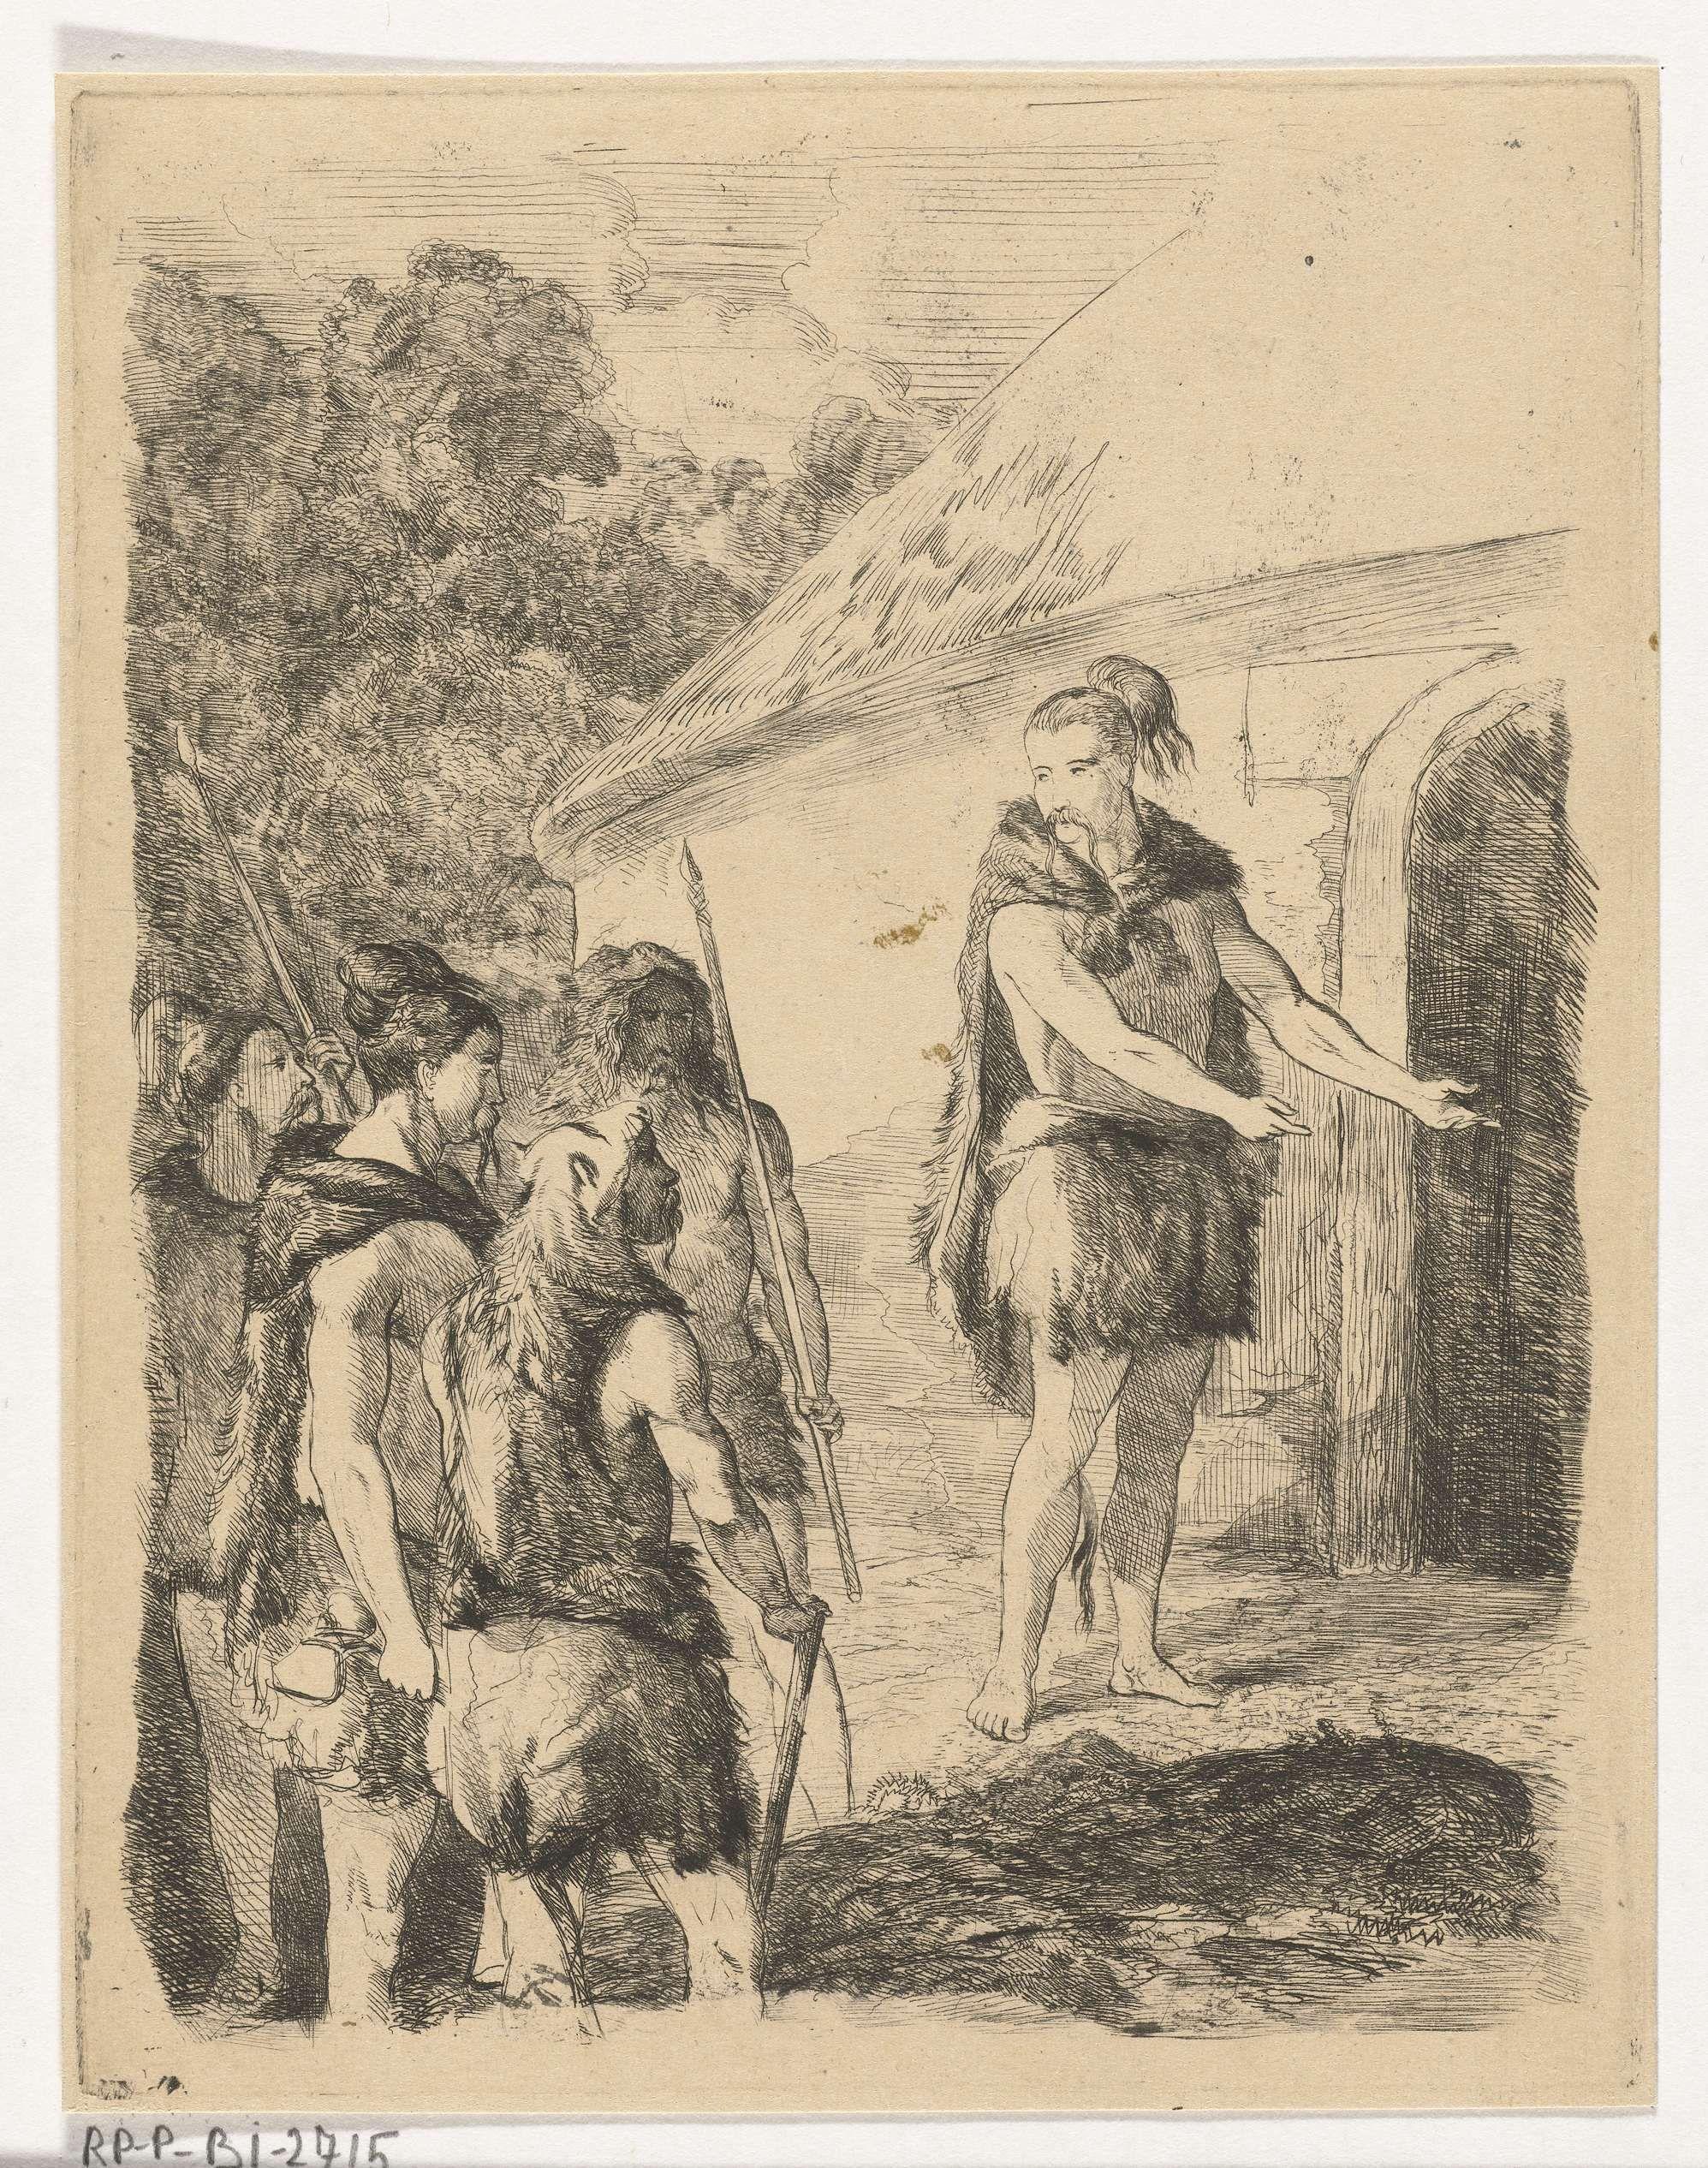 Karel Frederik Bombled   Kaibar gastvrij ontvangen door Borgar, Karel Frederik Bombled, 1852 - 1902   Een Keltische hoofdman, Borgar, gekleed in vellen, verwelkomt de stam van Kaibar in zijn woonstee. Twee van de vier mannen hebben speren vast en kunnen beschouwd worden als voortekens voor het latere verraad van Kaibar. Illustratie bij de negende zang van het episch lofgedicht Aeddon.